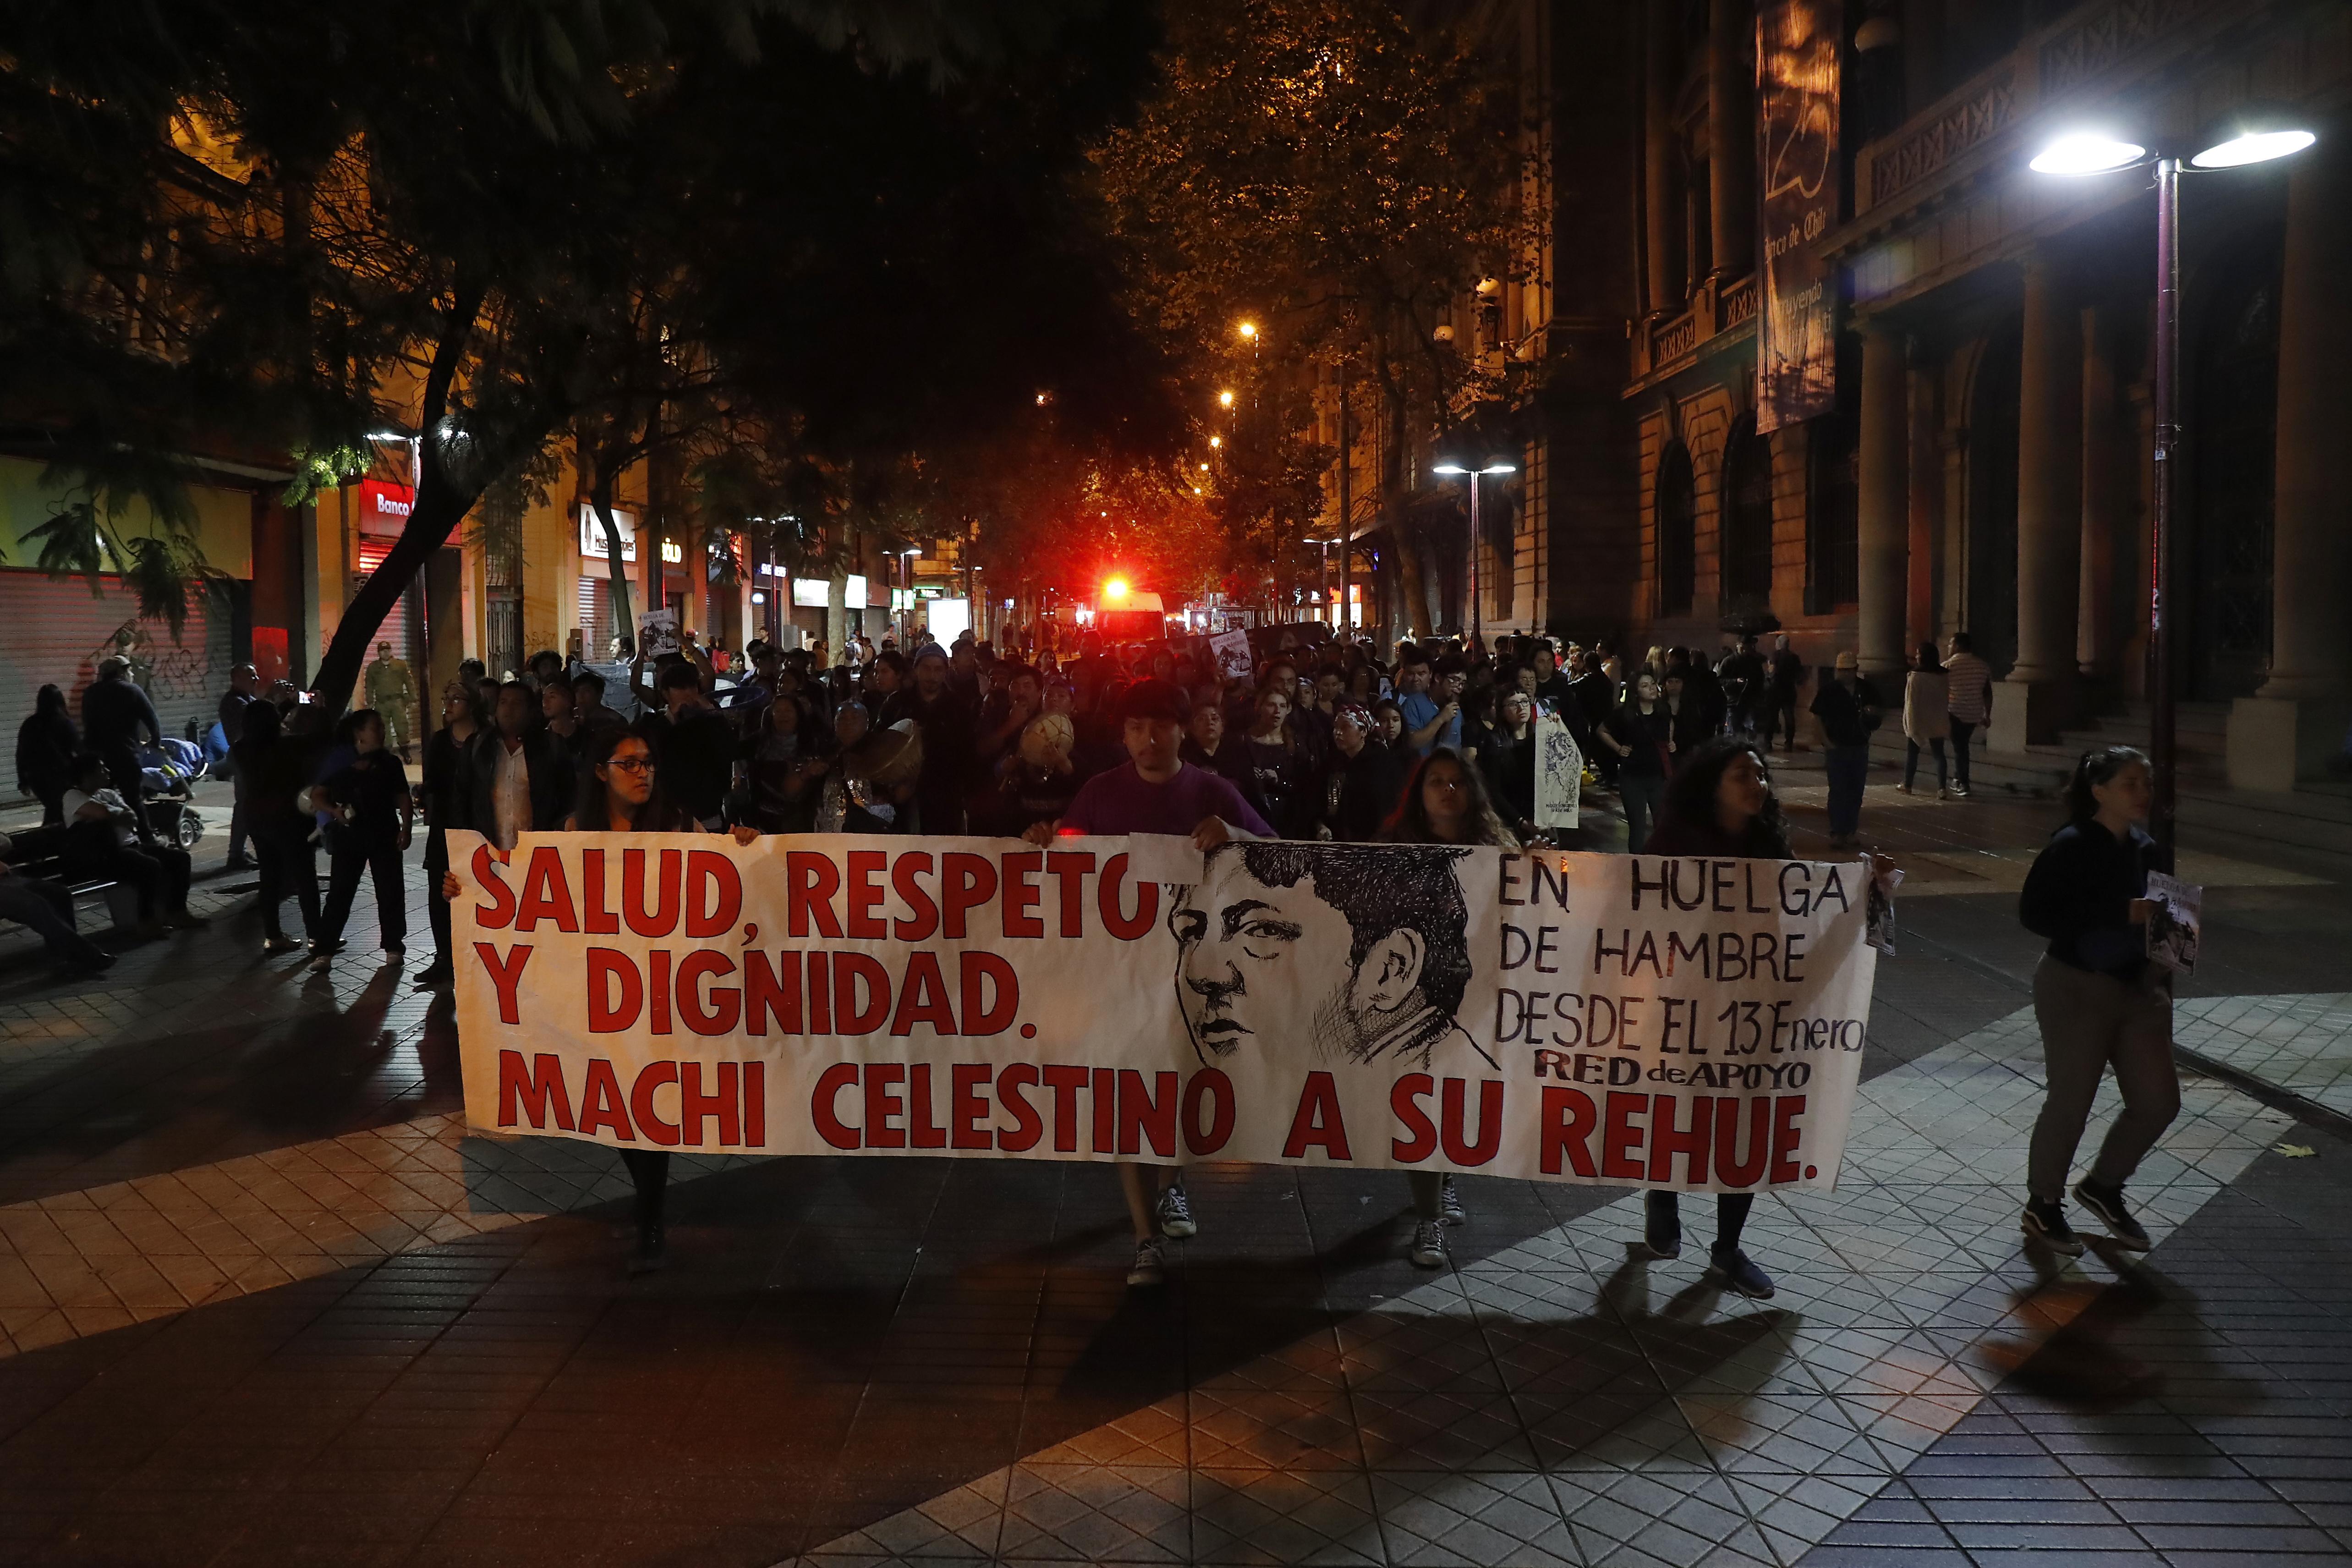 Un grupo de adherentes a la causa mapuche marcharon por el centro de Santiago por la libertad del Machi Celestino Cordova (abril de 2018) | Francisco Flores Seguel | Agencia UNO